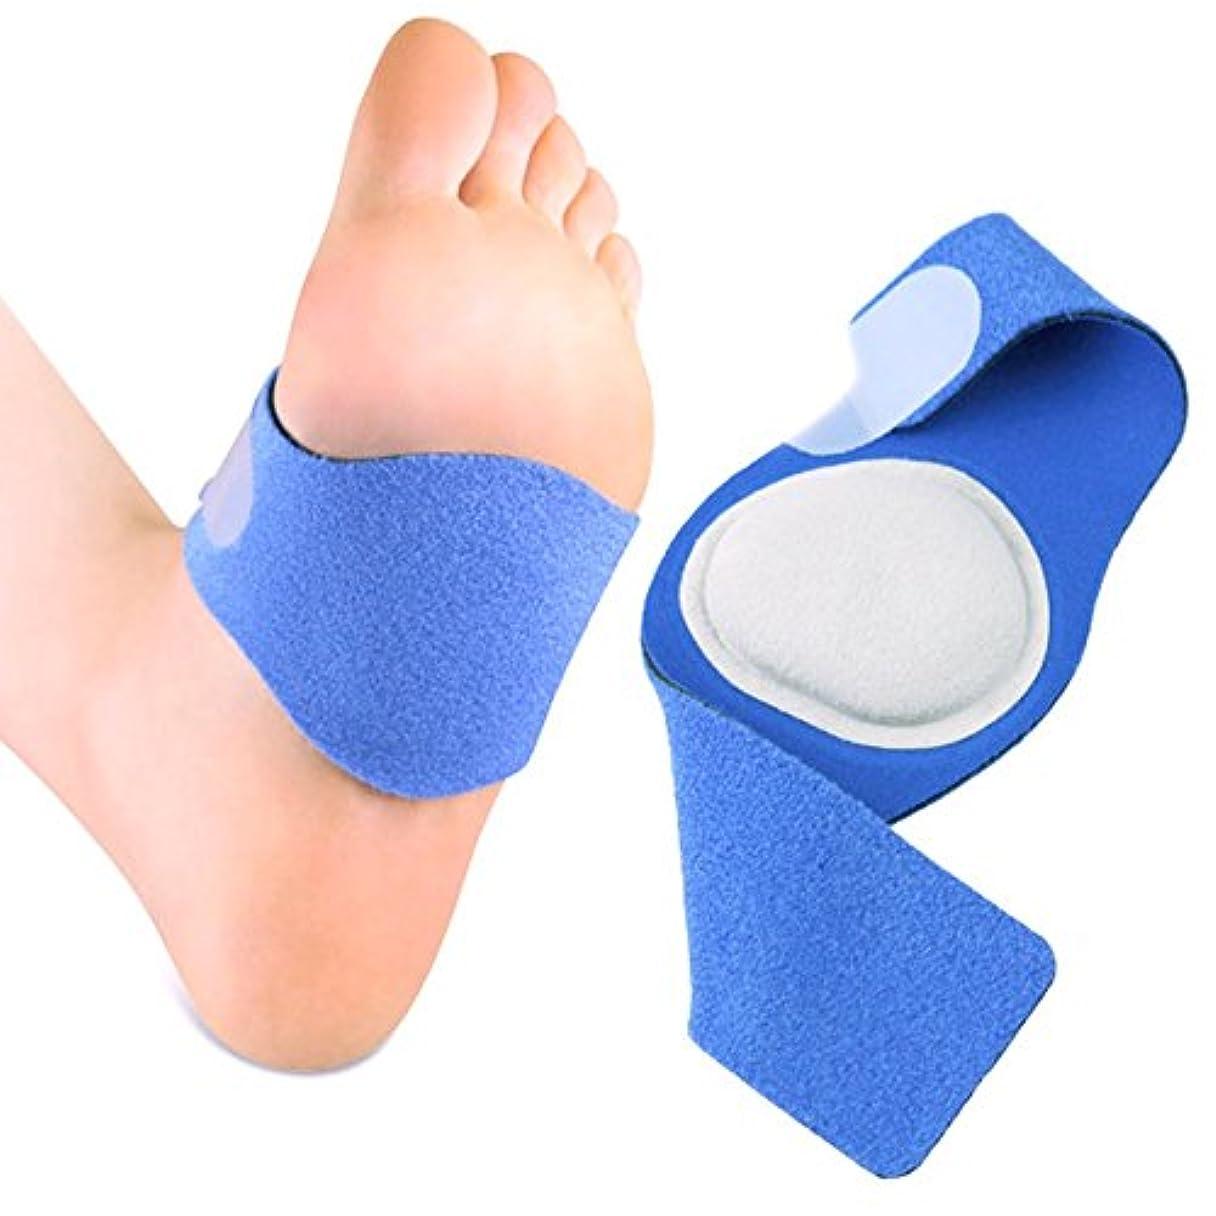 警告アブストラクト憂慮すべきTAKUMED アーチサポーター 扁平足 凹足 足底筋膜炎 サポーター 土踏まず 立ち仕事 男女兼用 サイズ調整可能 左右セット (L-XLサイズ)